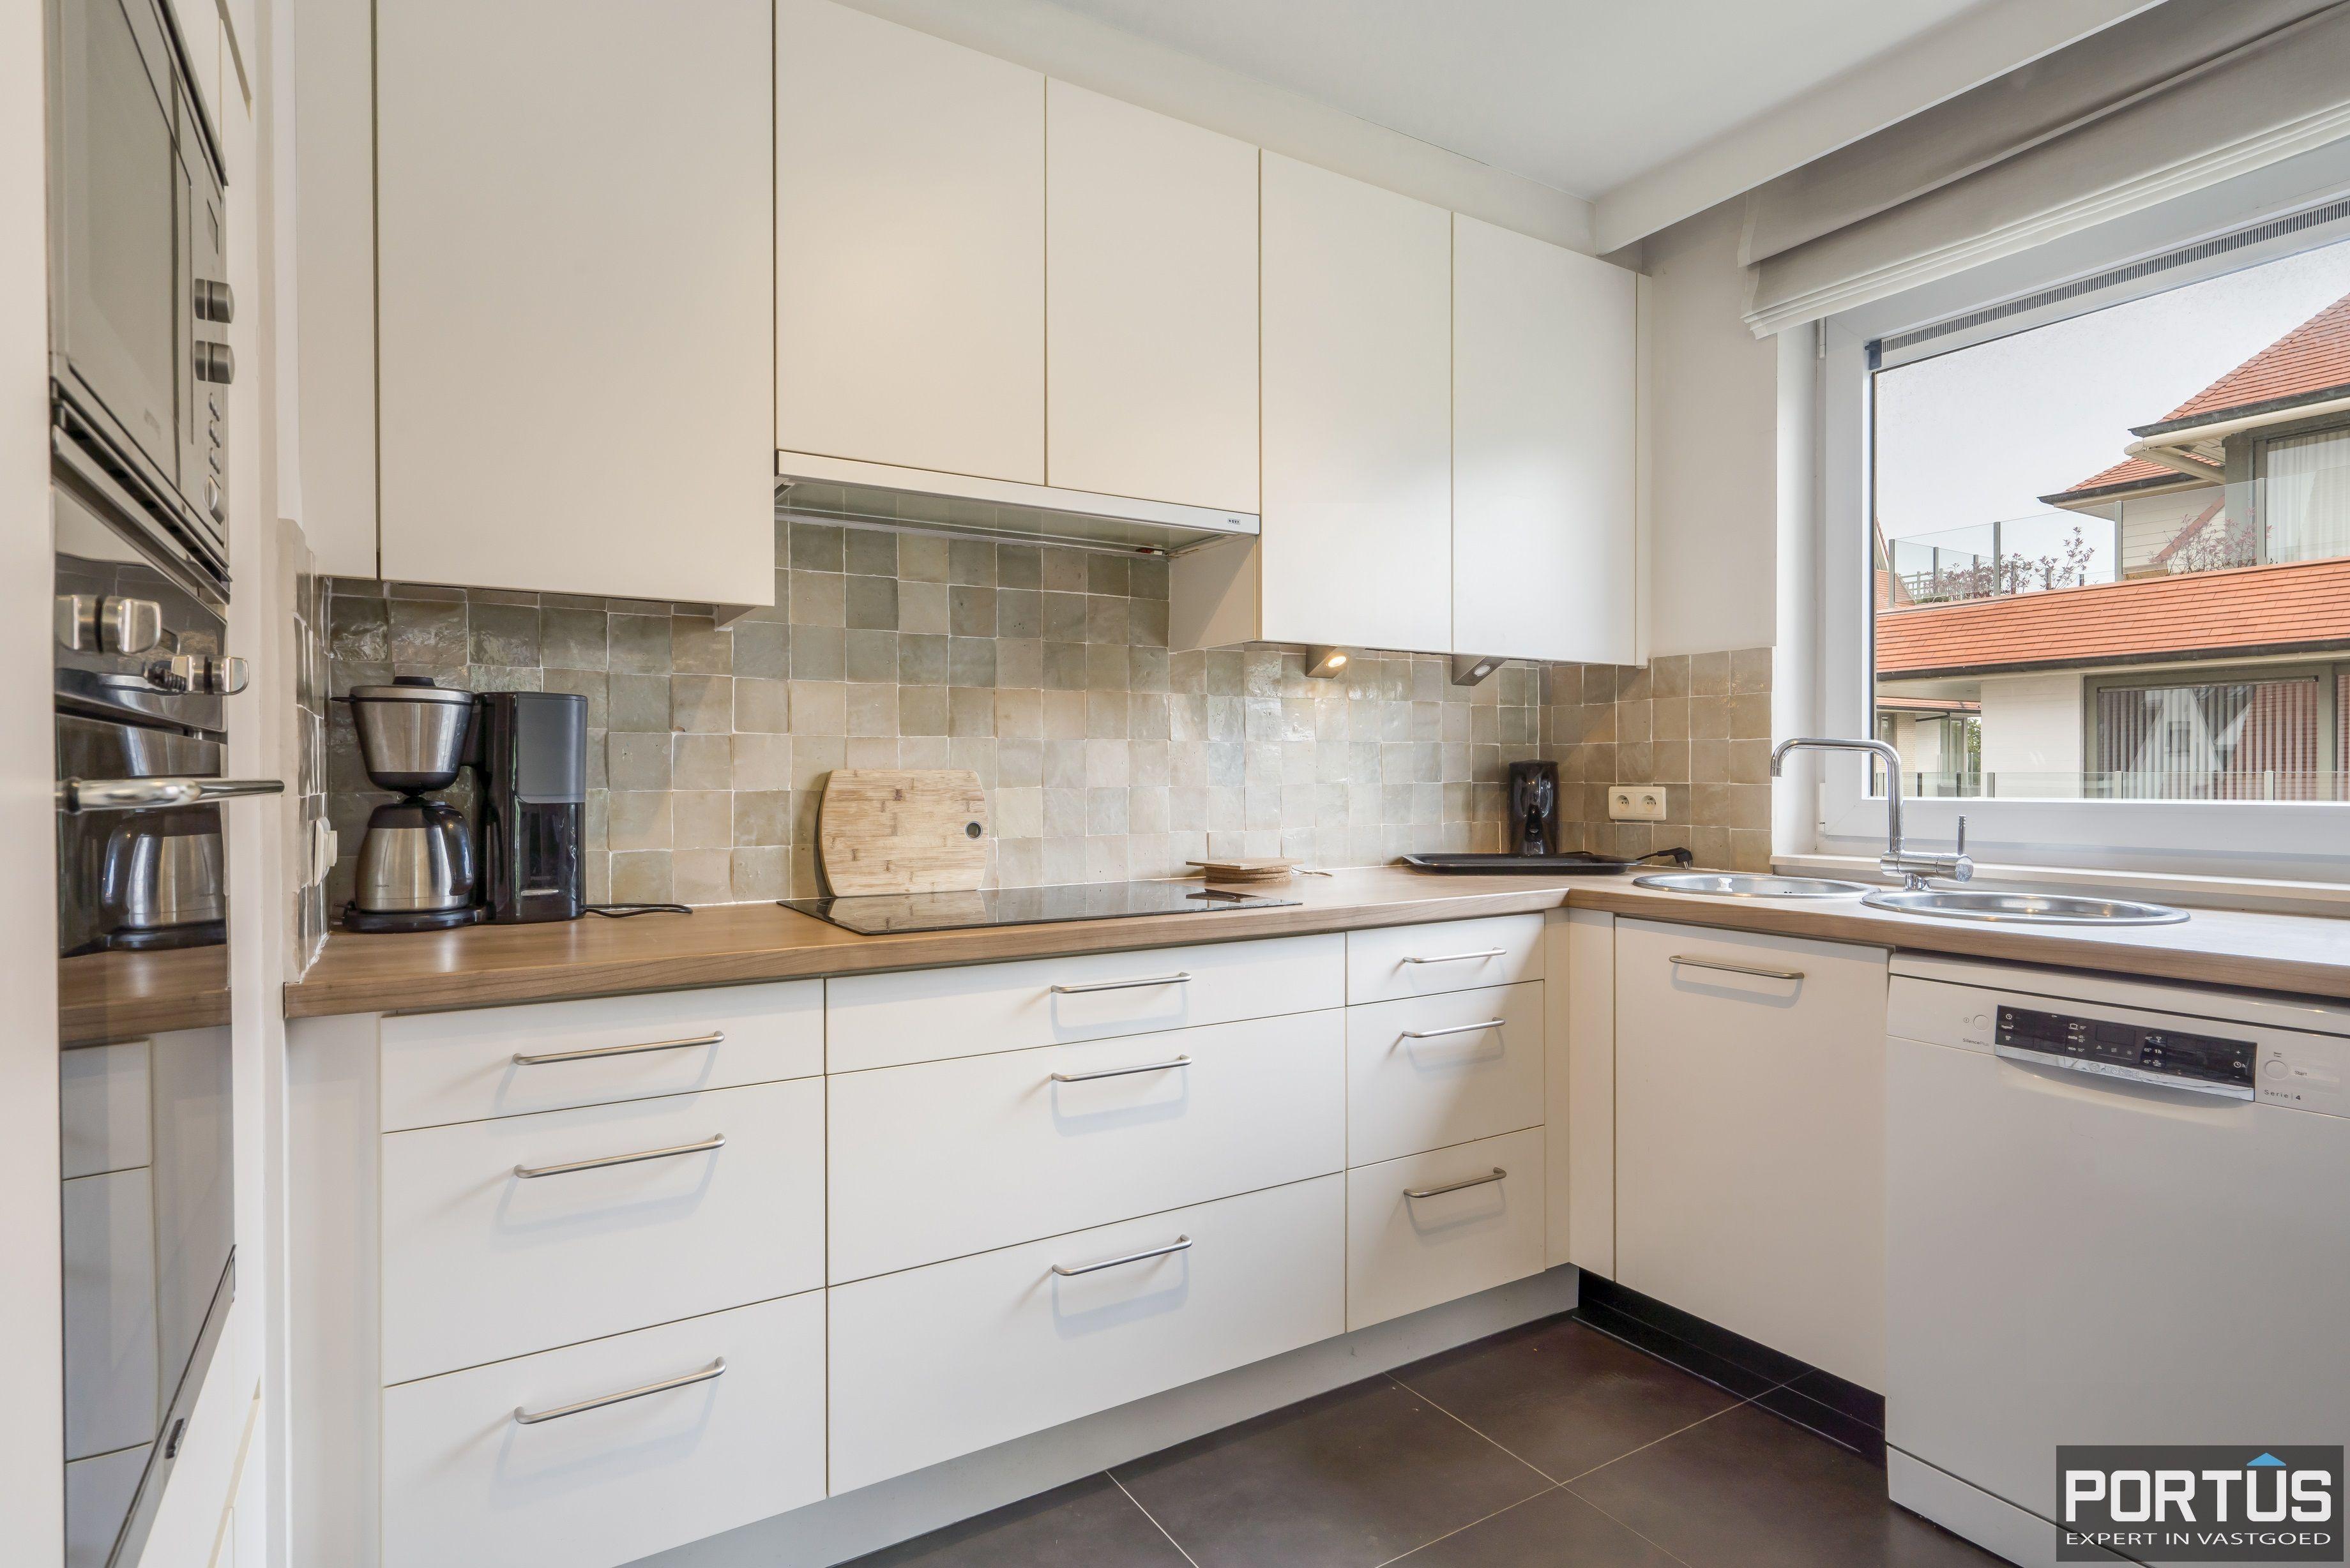 Appartement te koop te Nieuwpoort met 4 slaapkamers - 12996